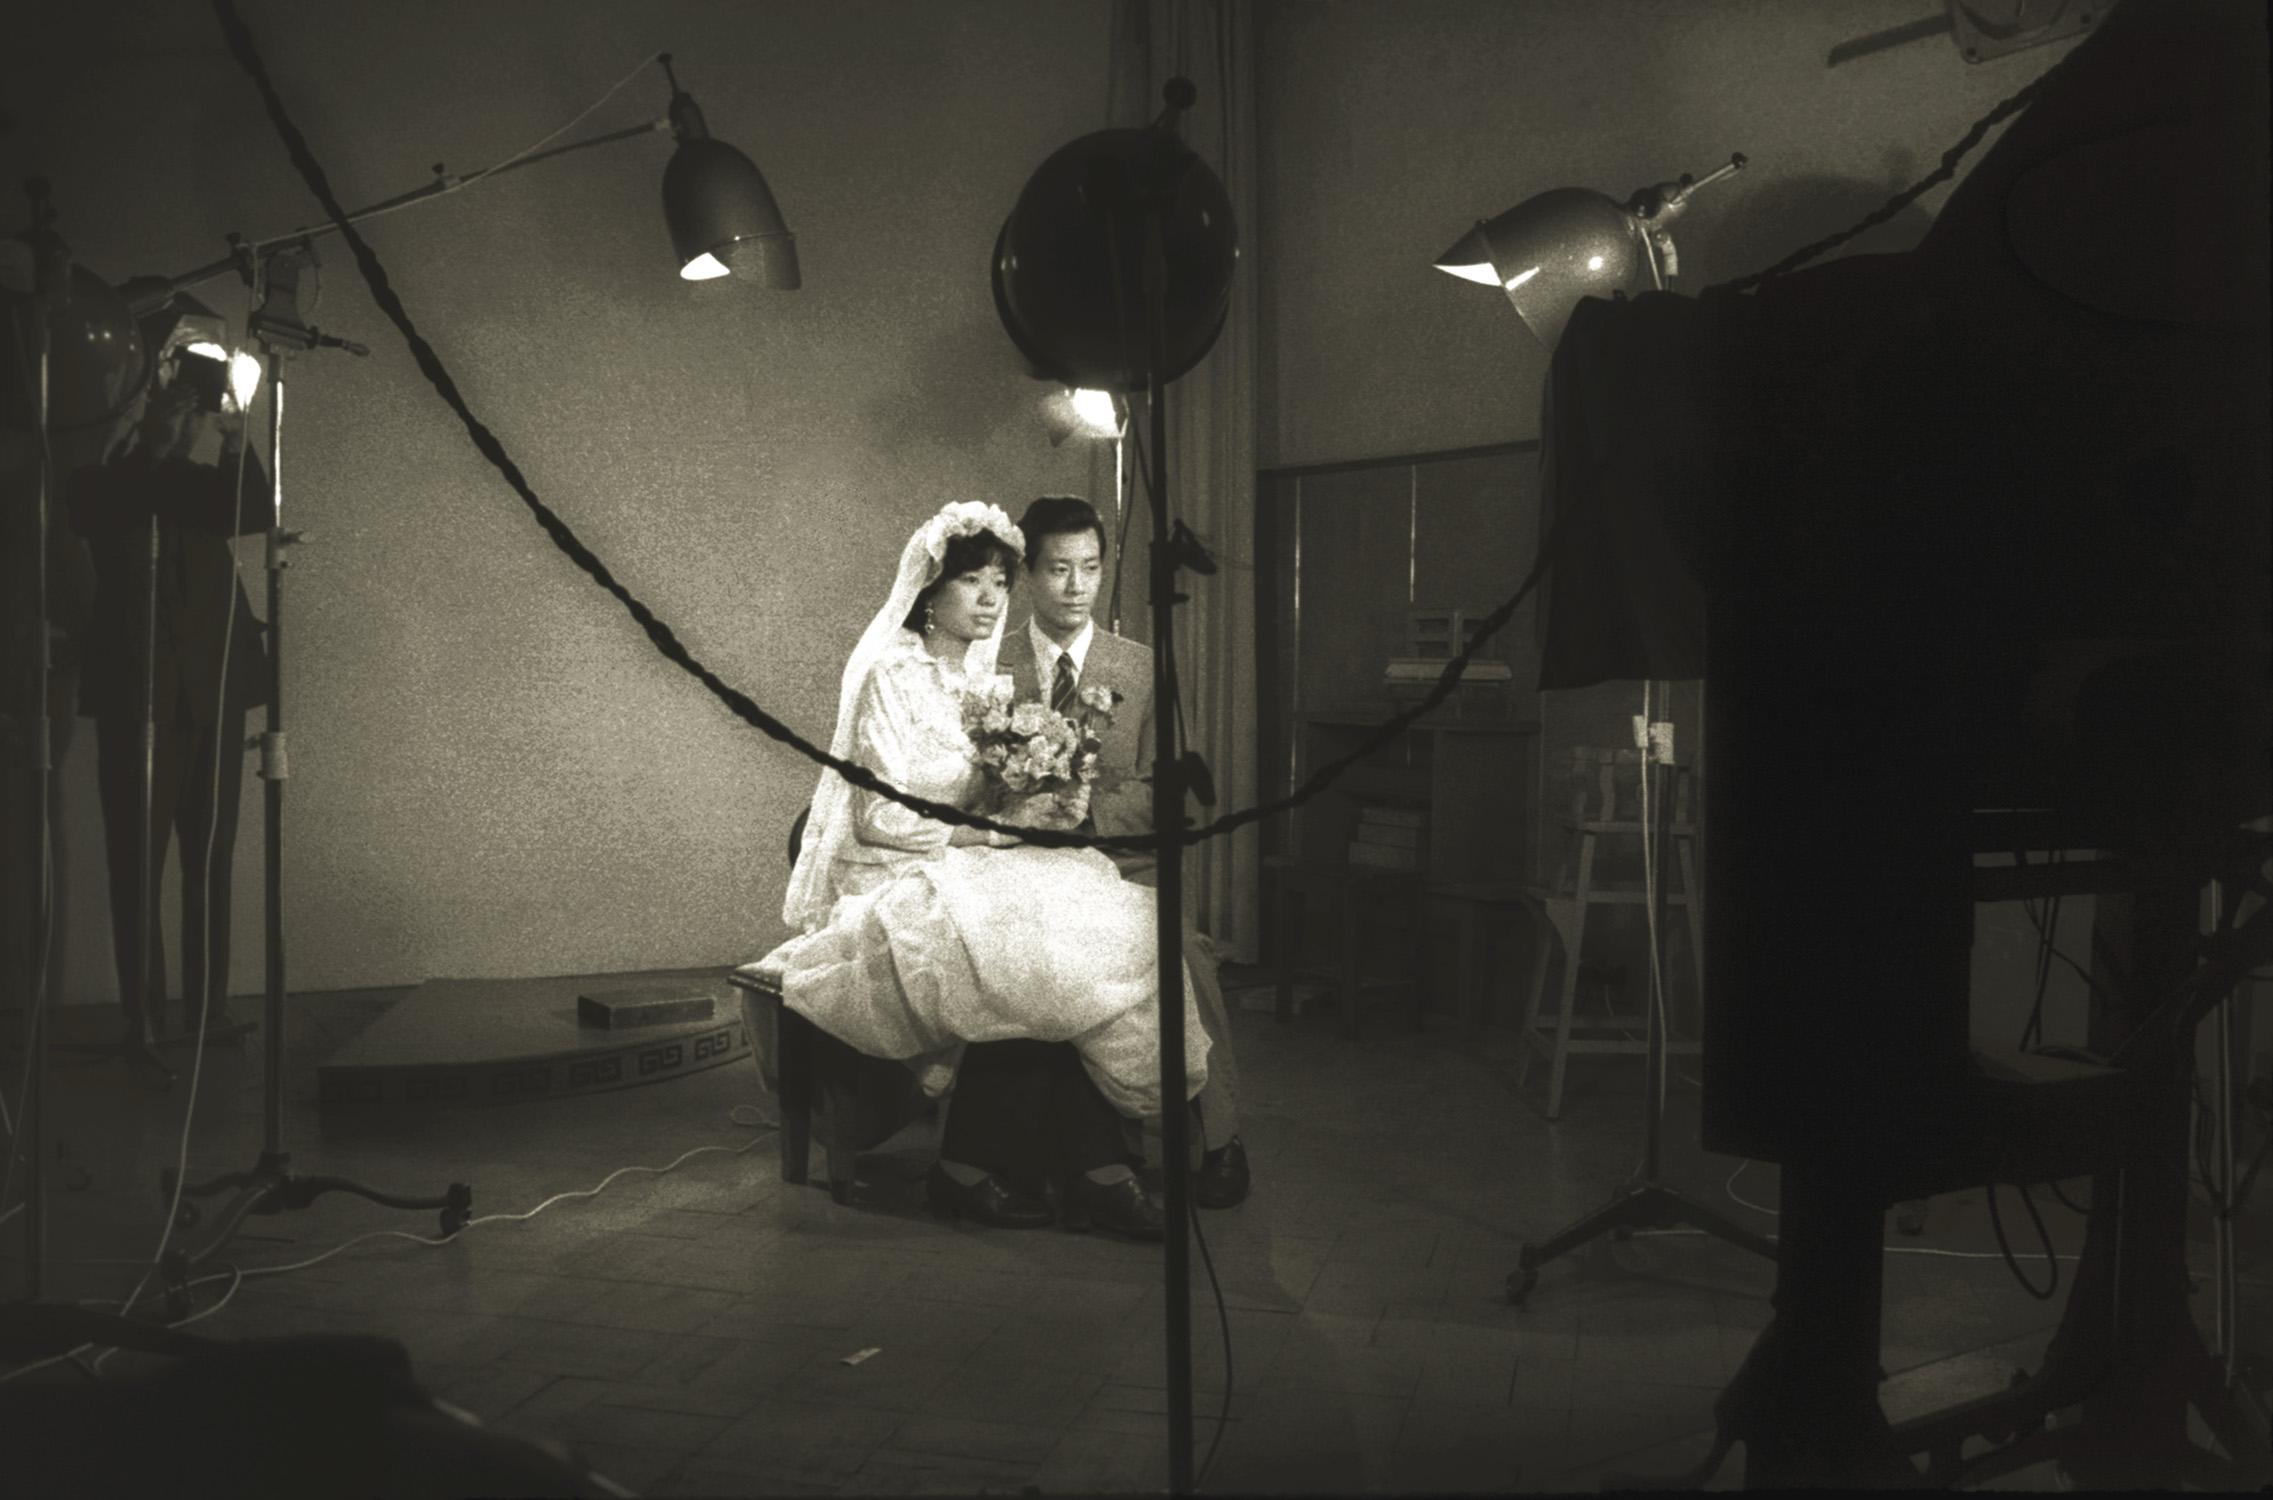 拍结婚照, Wedding photo, 1970s / Courtesy of Jin Hua